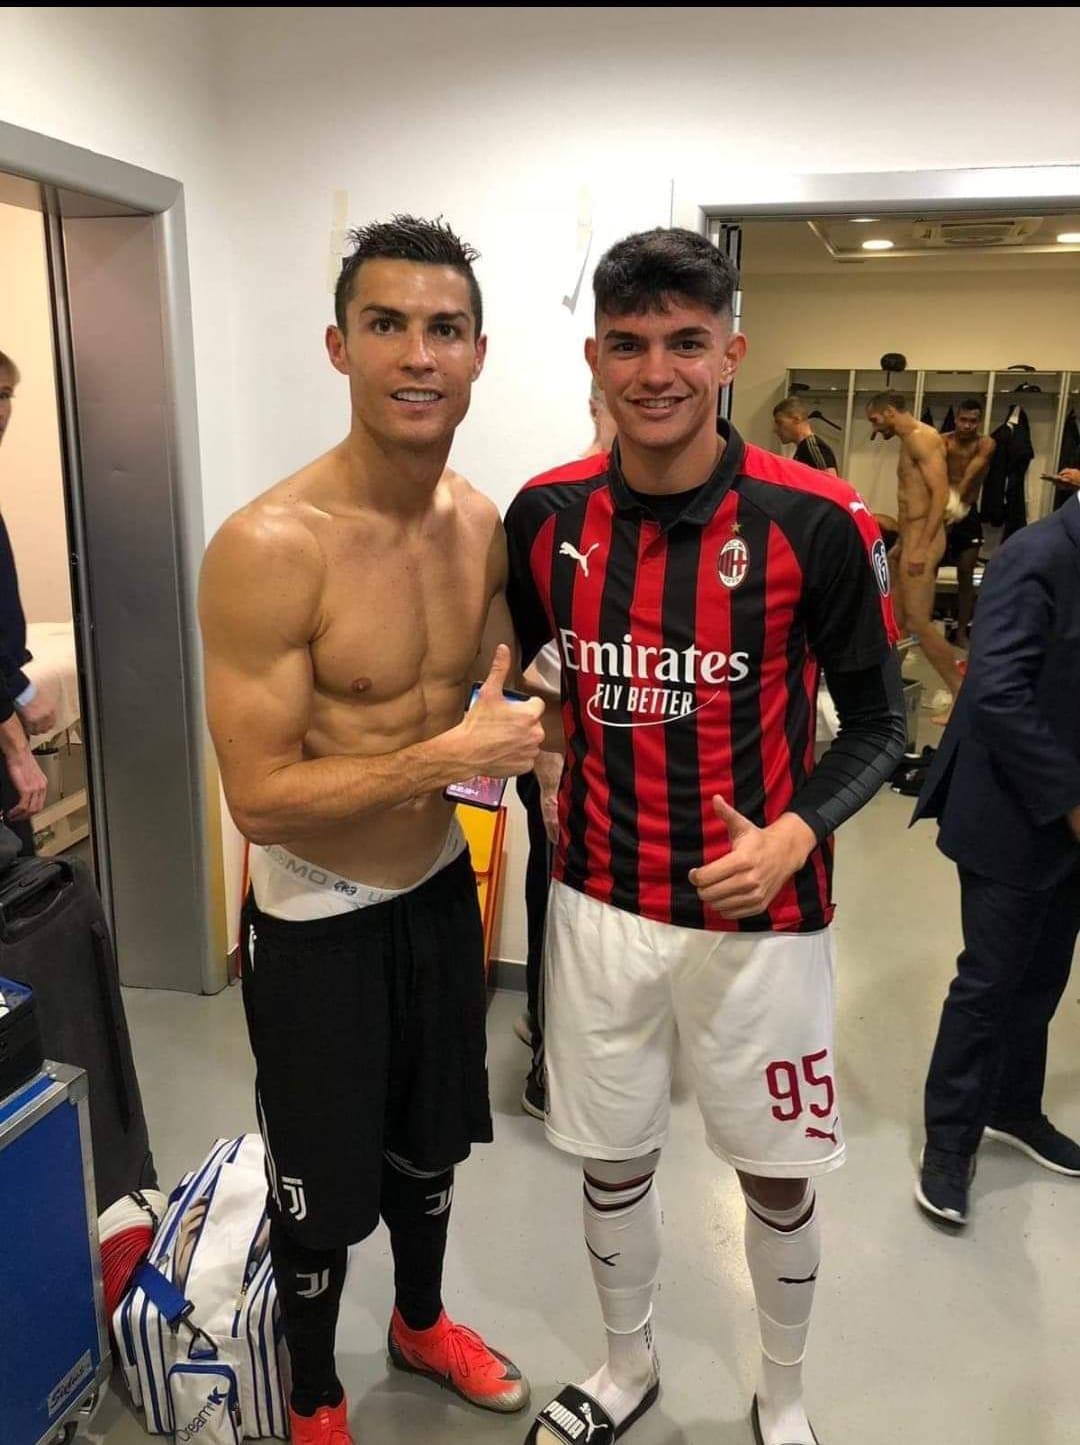 Chulazos de la Juventus